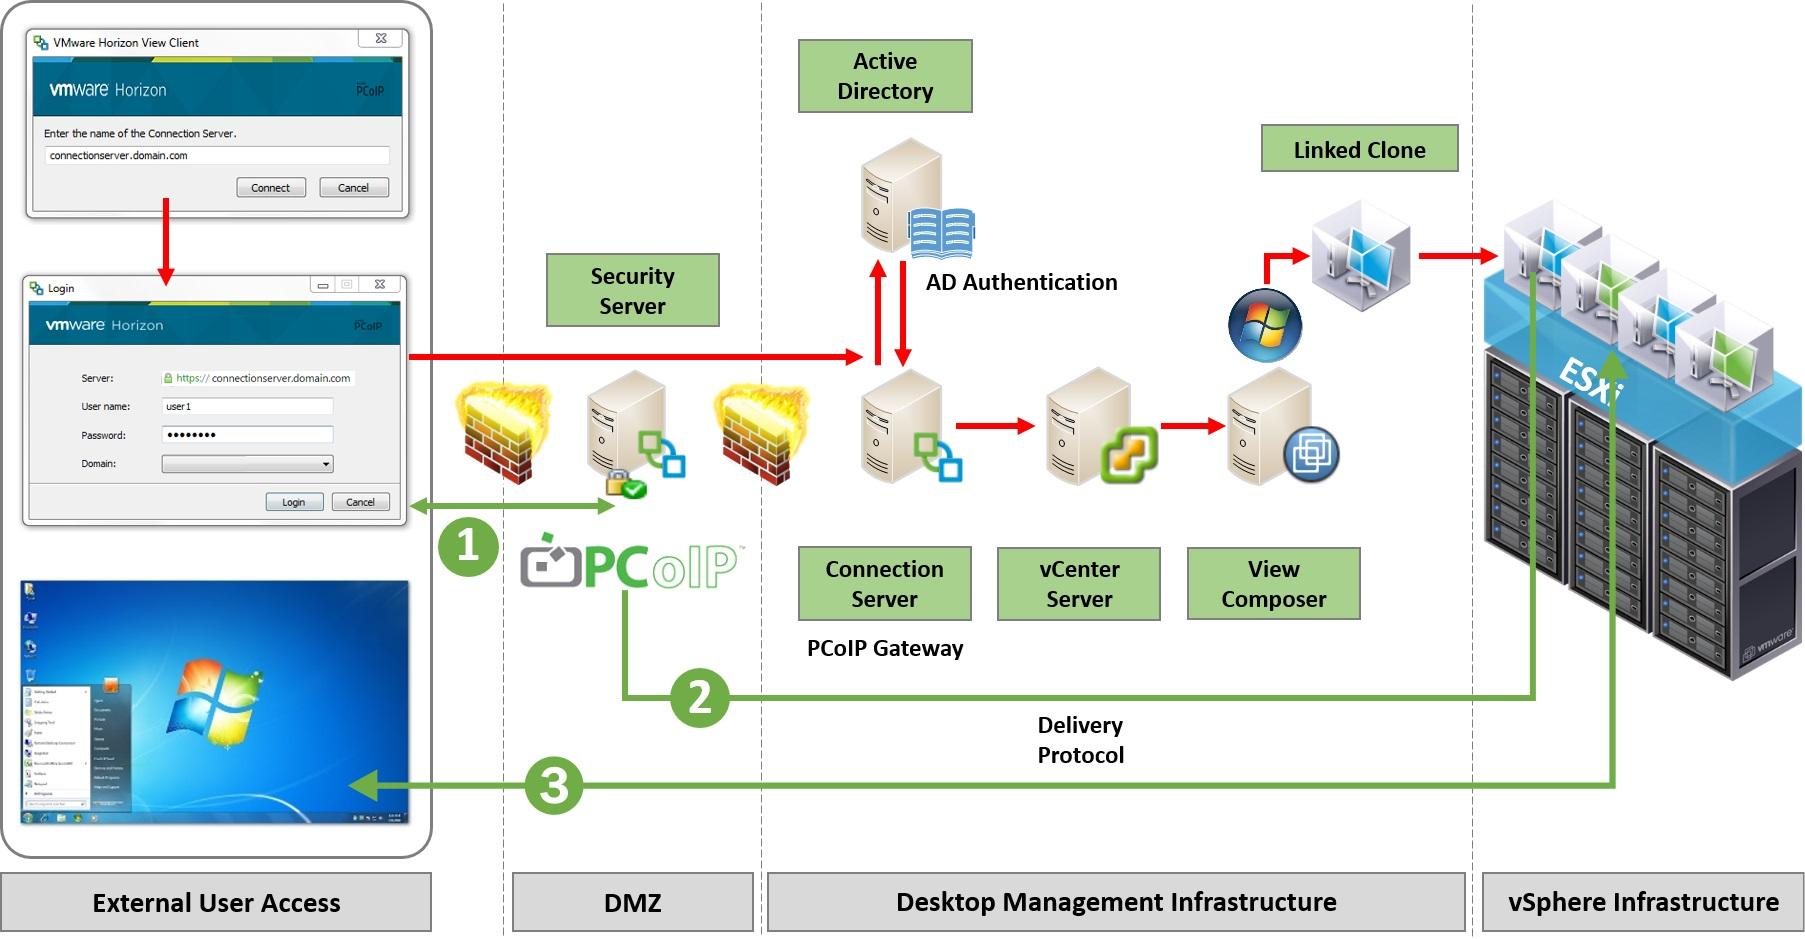 مجازی سازی دسکتاپ ها با نرم افزار VMware View Horizon 6